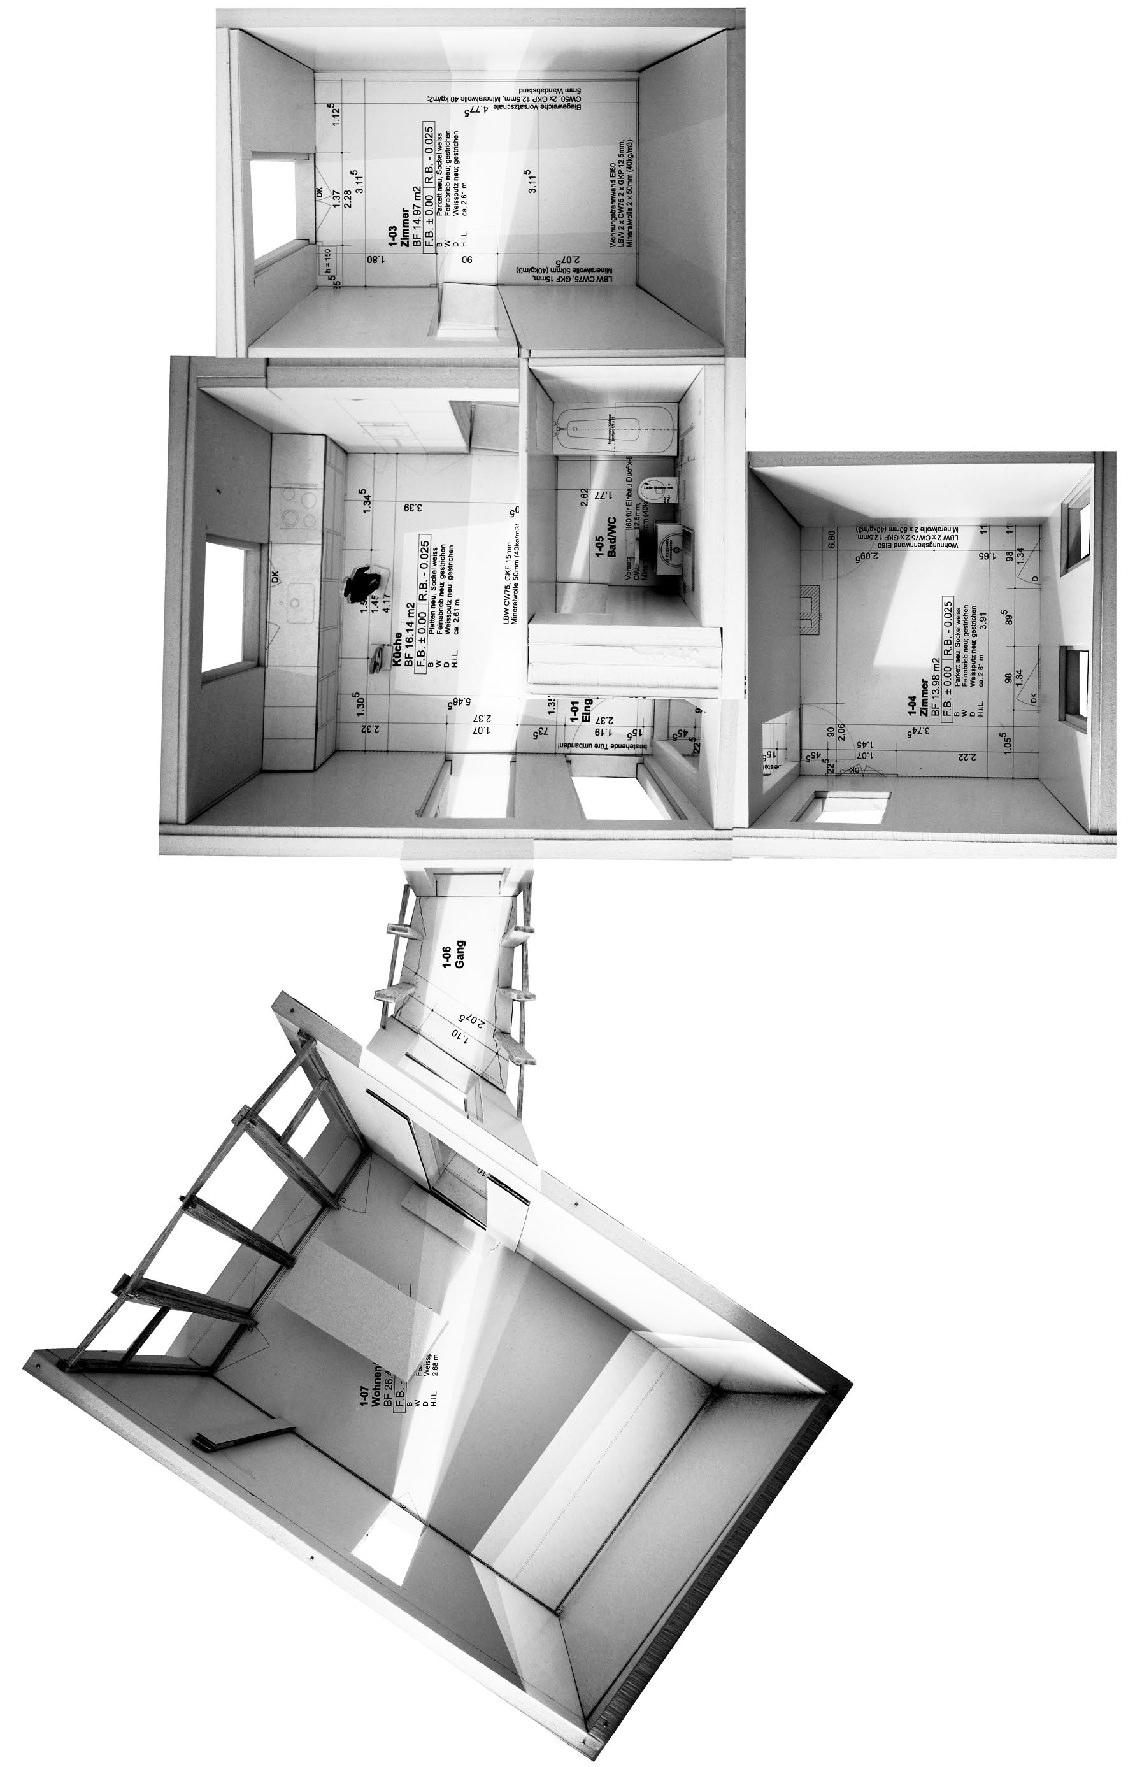 Maquette duprojet d'extension d'une maison résidentielle par Simon Kretz à Zurich.